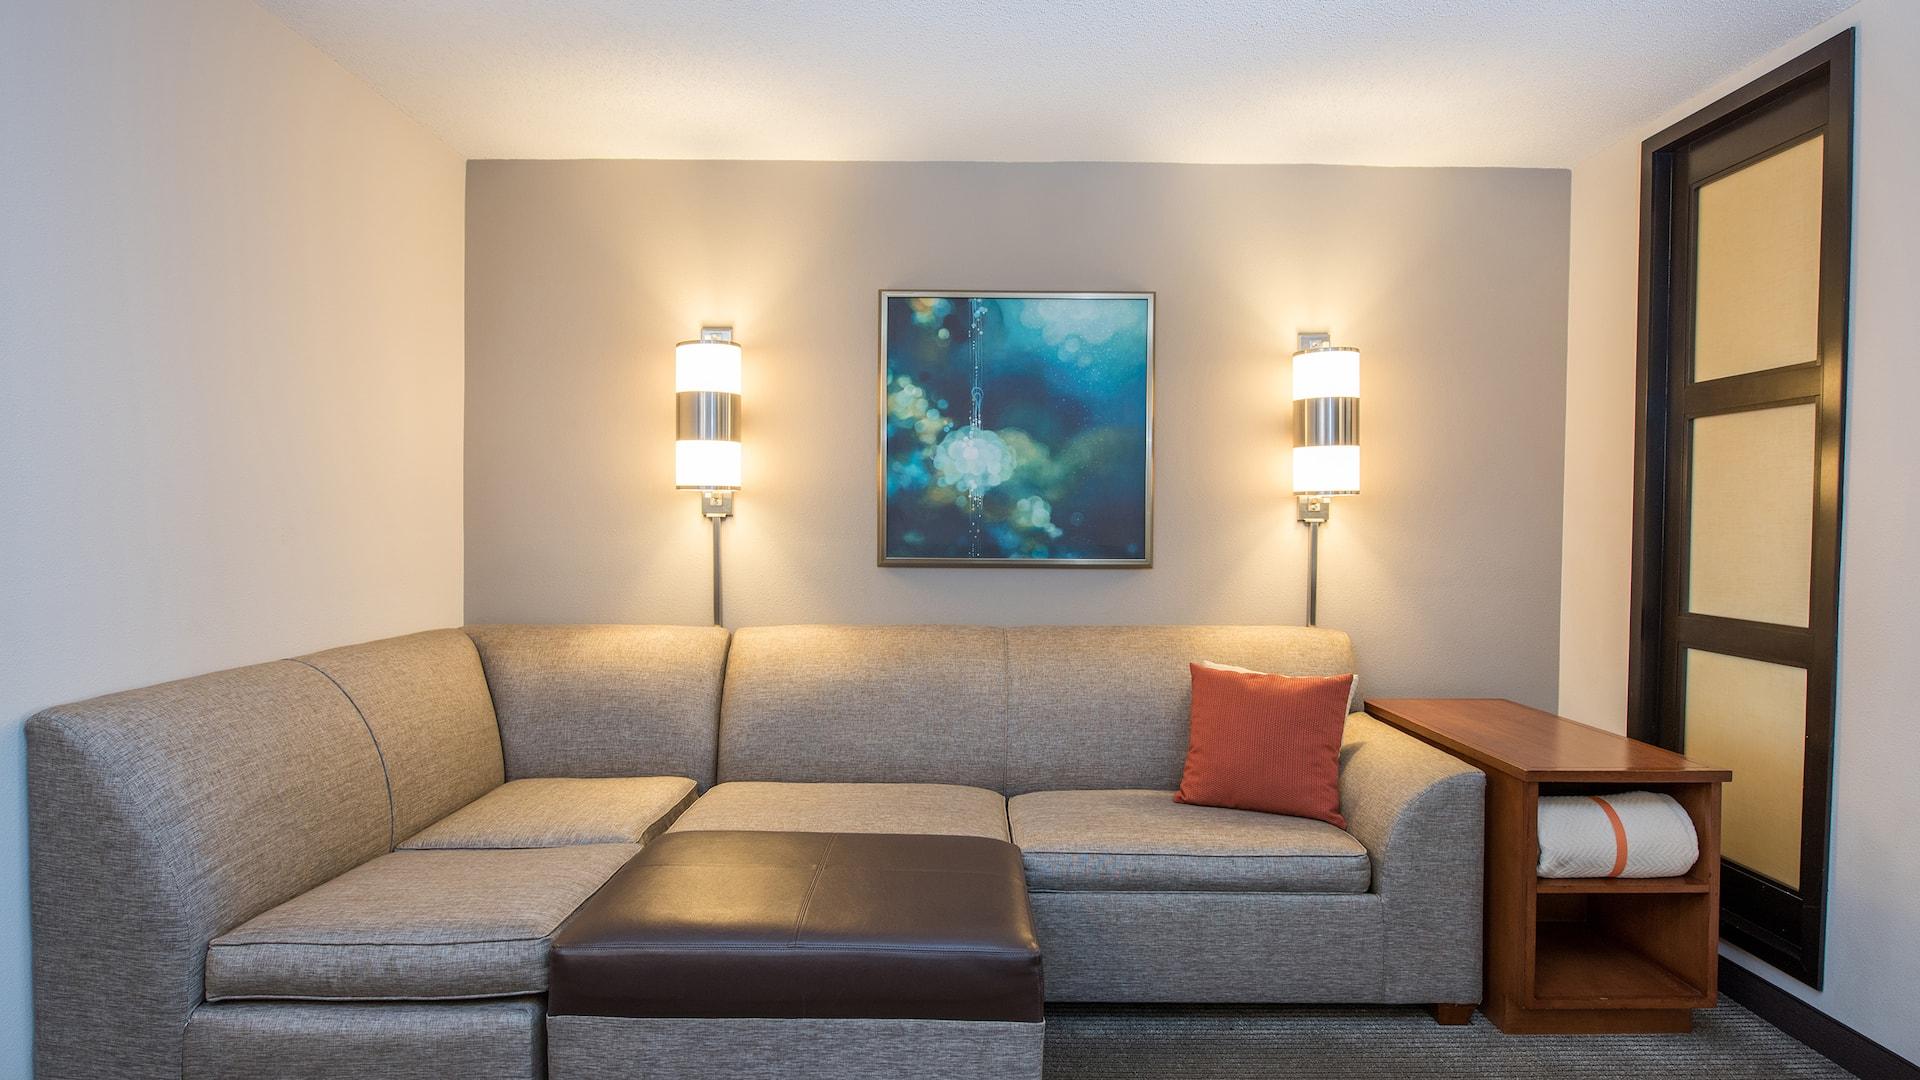 Hyatt Place Minneapolis Eden Prairie Living room